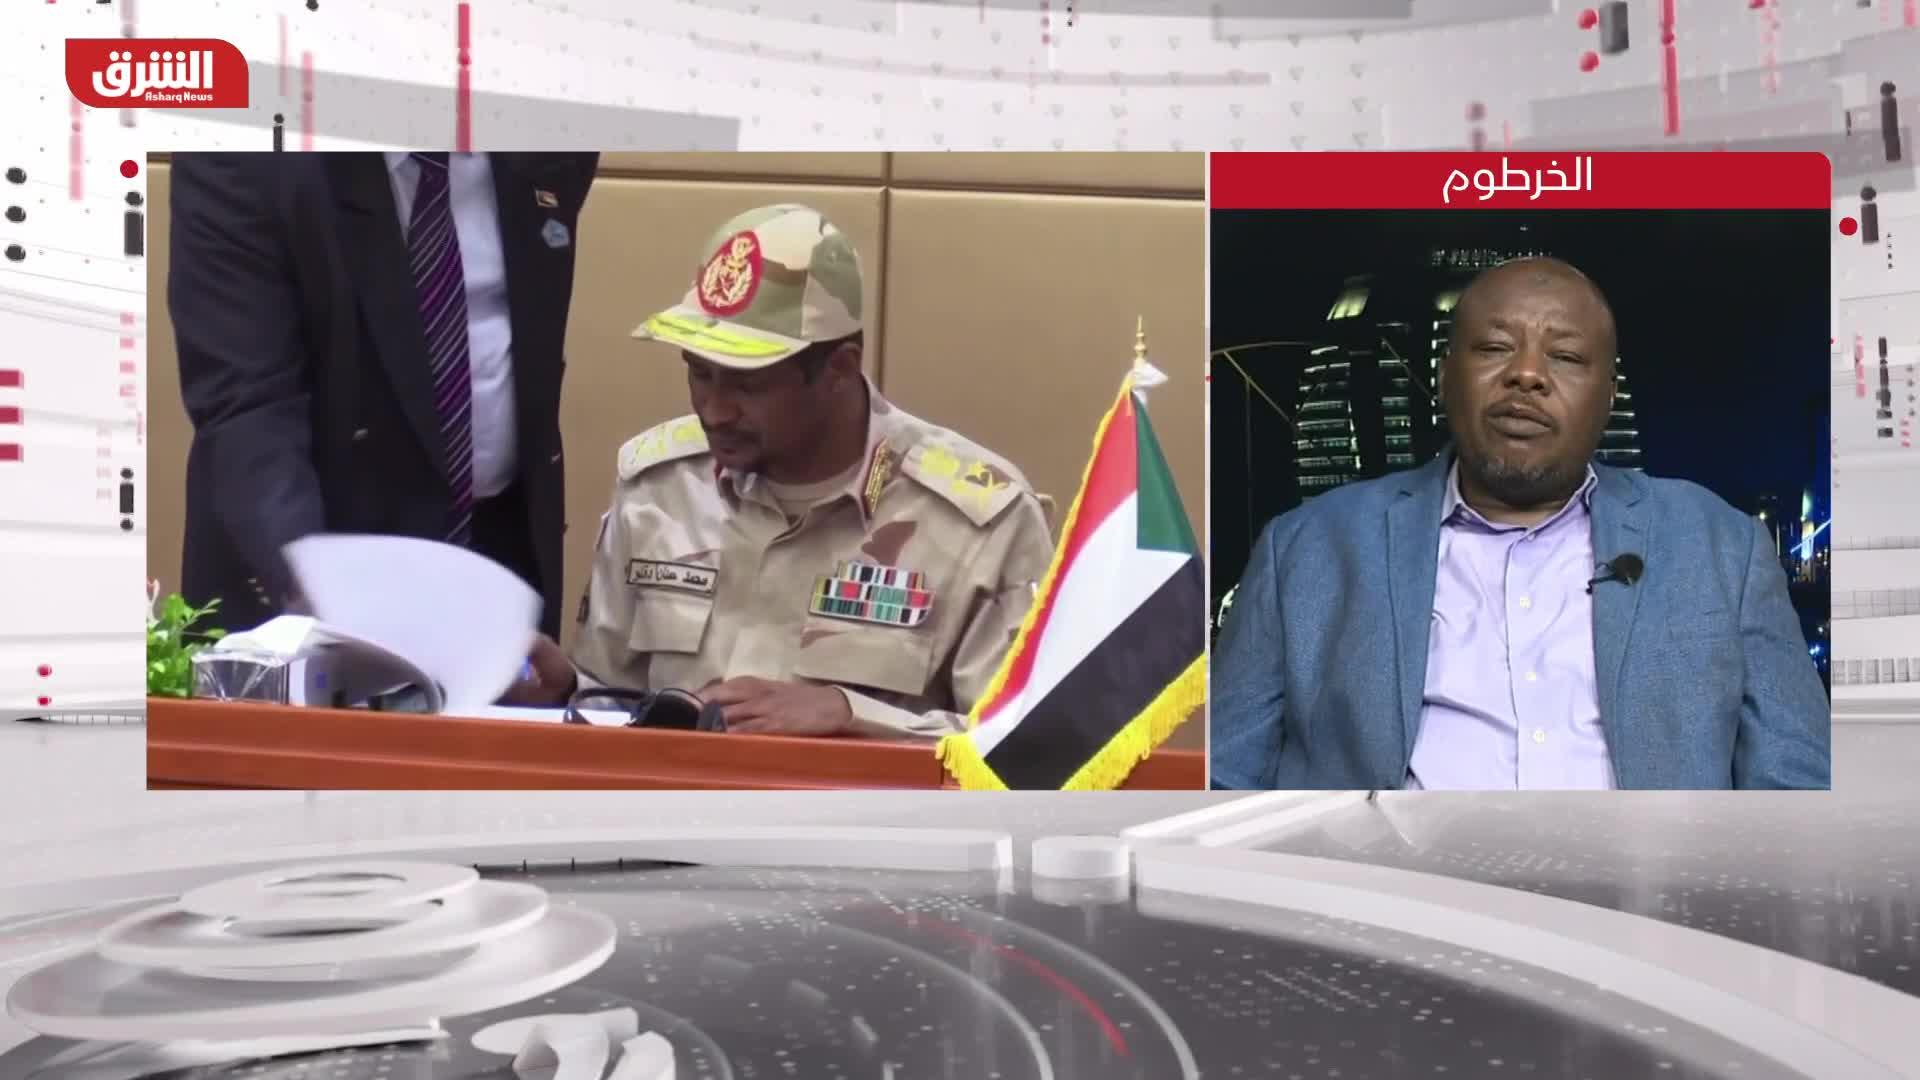 """الحكومة السودانية تشكل """"خلية أزمة"""" لحل خلافات شركاء الحكم"""